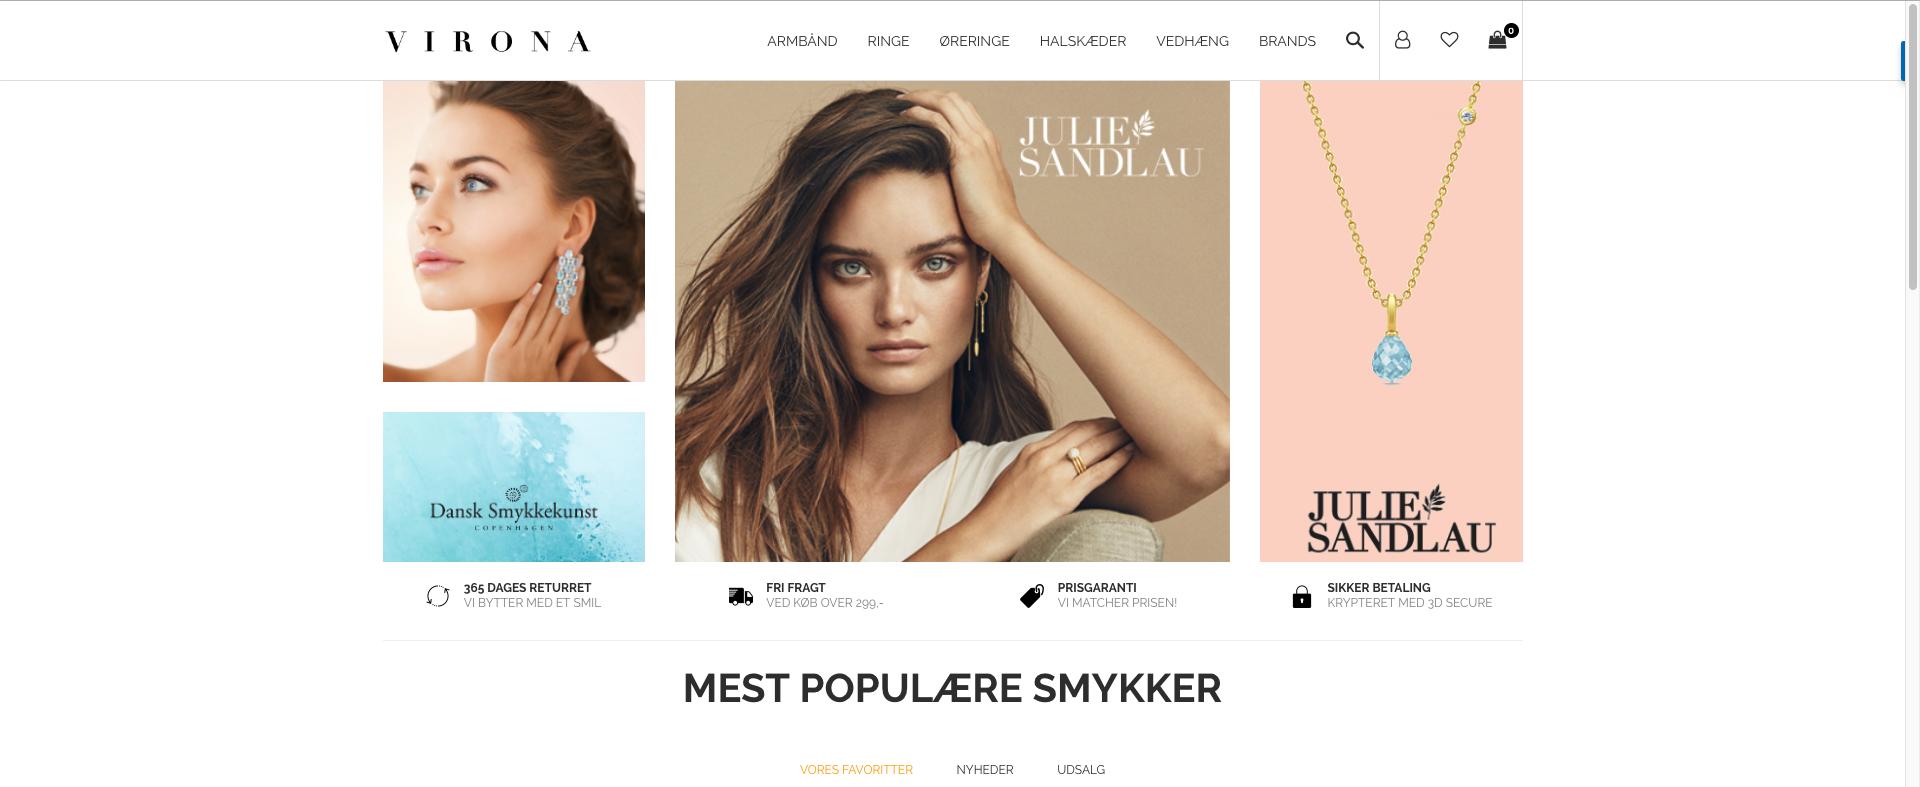 Webshop med salg af smykker - Med omsætning - Eksklusivt og elegant design - Shopify